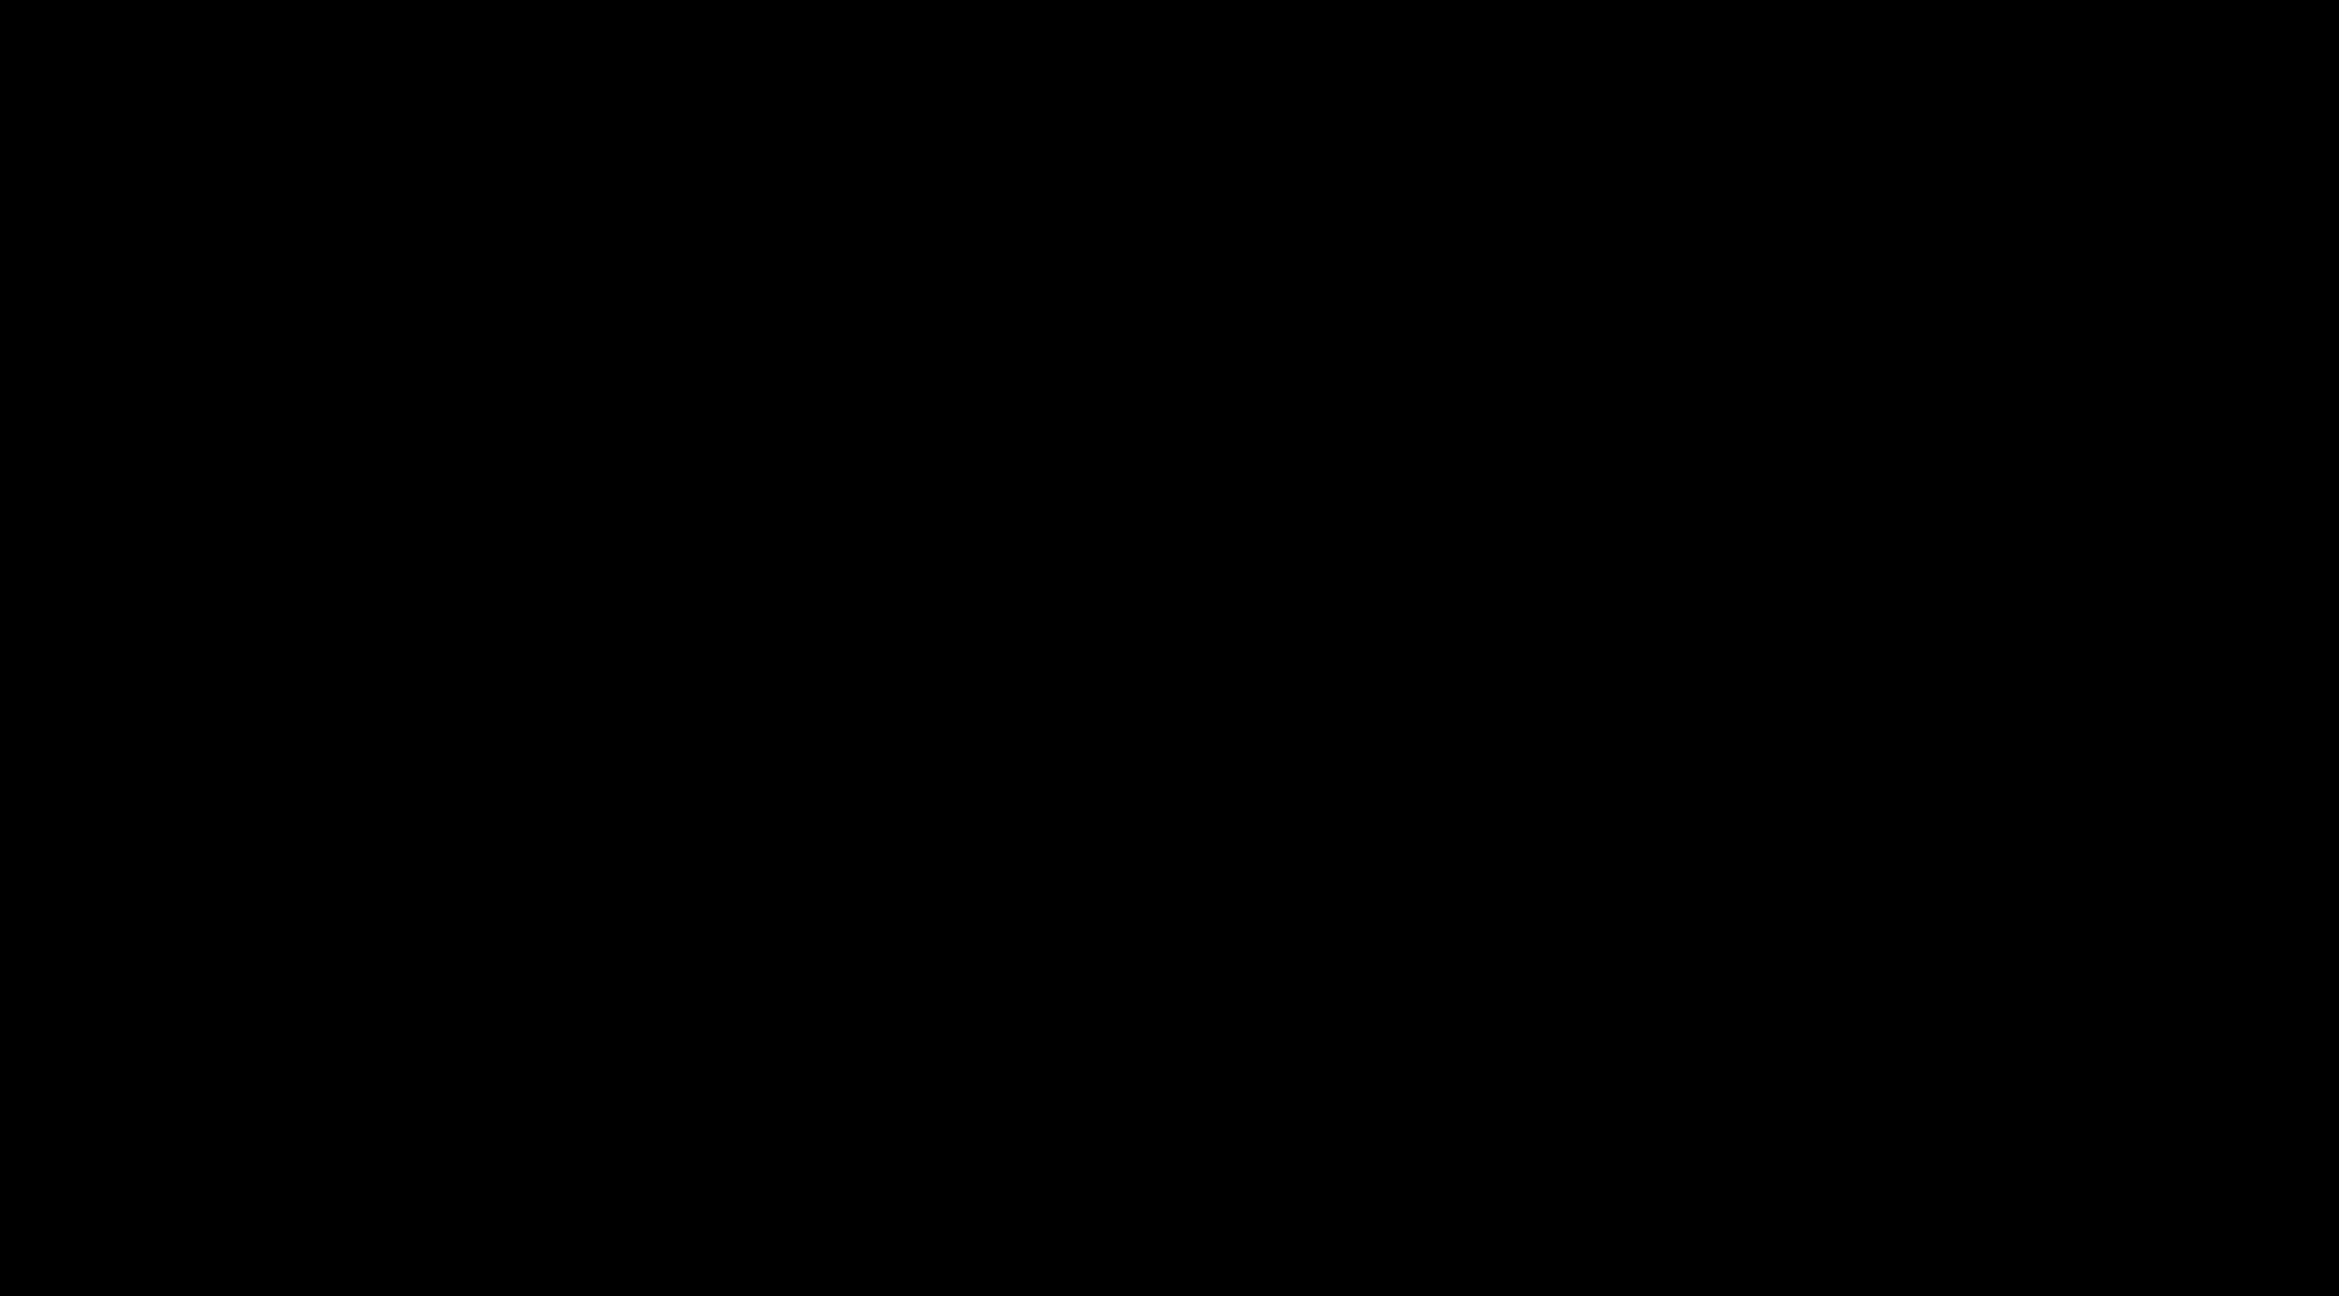 Сведения о трудовой деятельности, предоставляемые из информационных ресурсов Пенсионного фонда Российской Федерации по форме СТД-ПФР